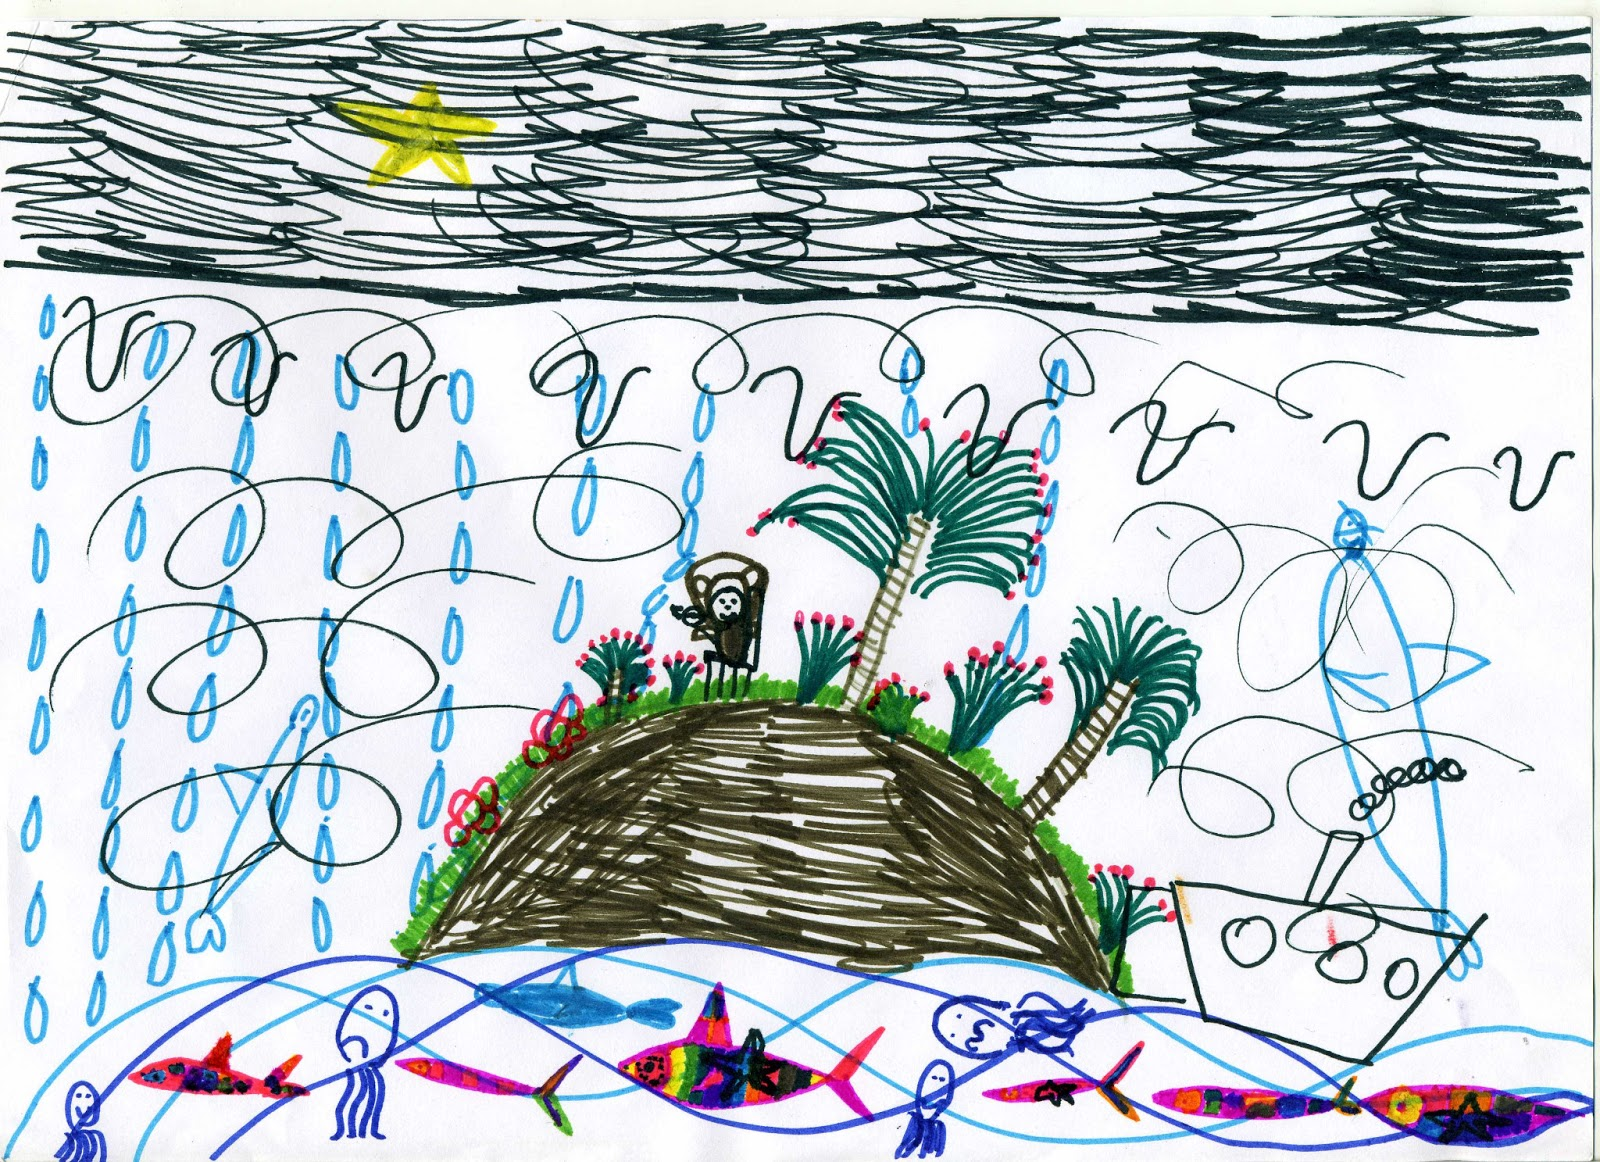 плавучий остров в океане